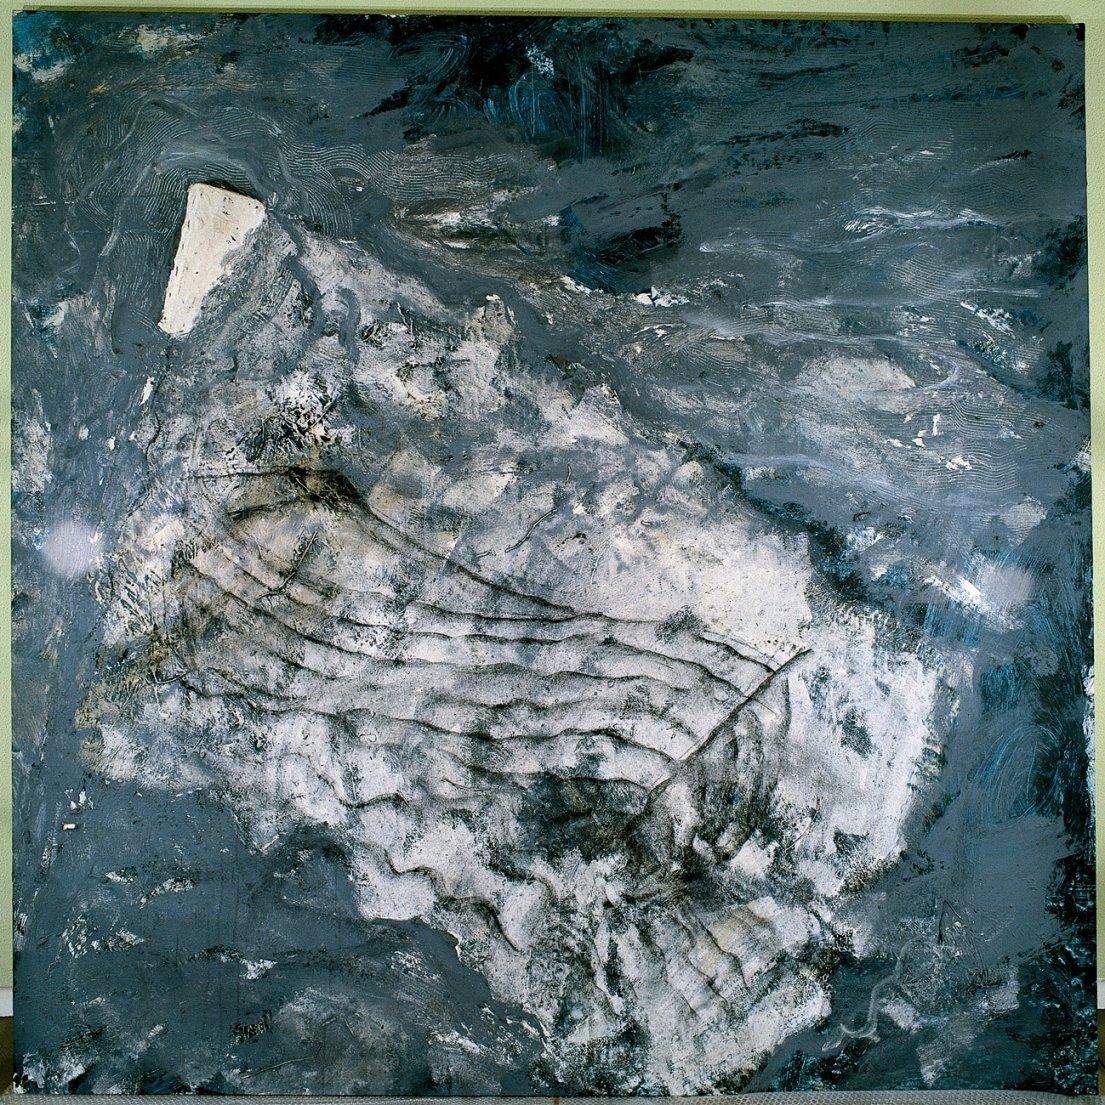 Tableau flotant (1984) - Miquel Barceló